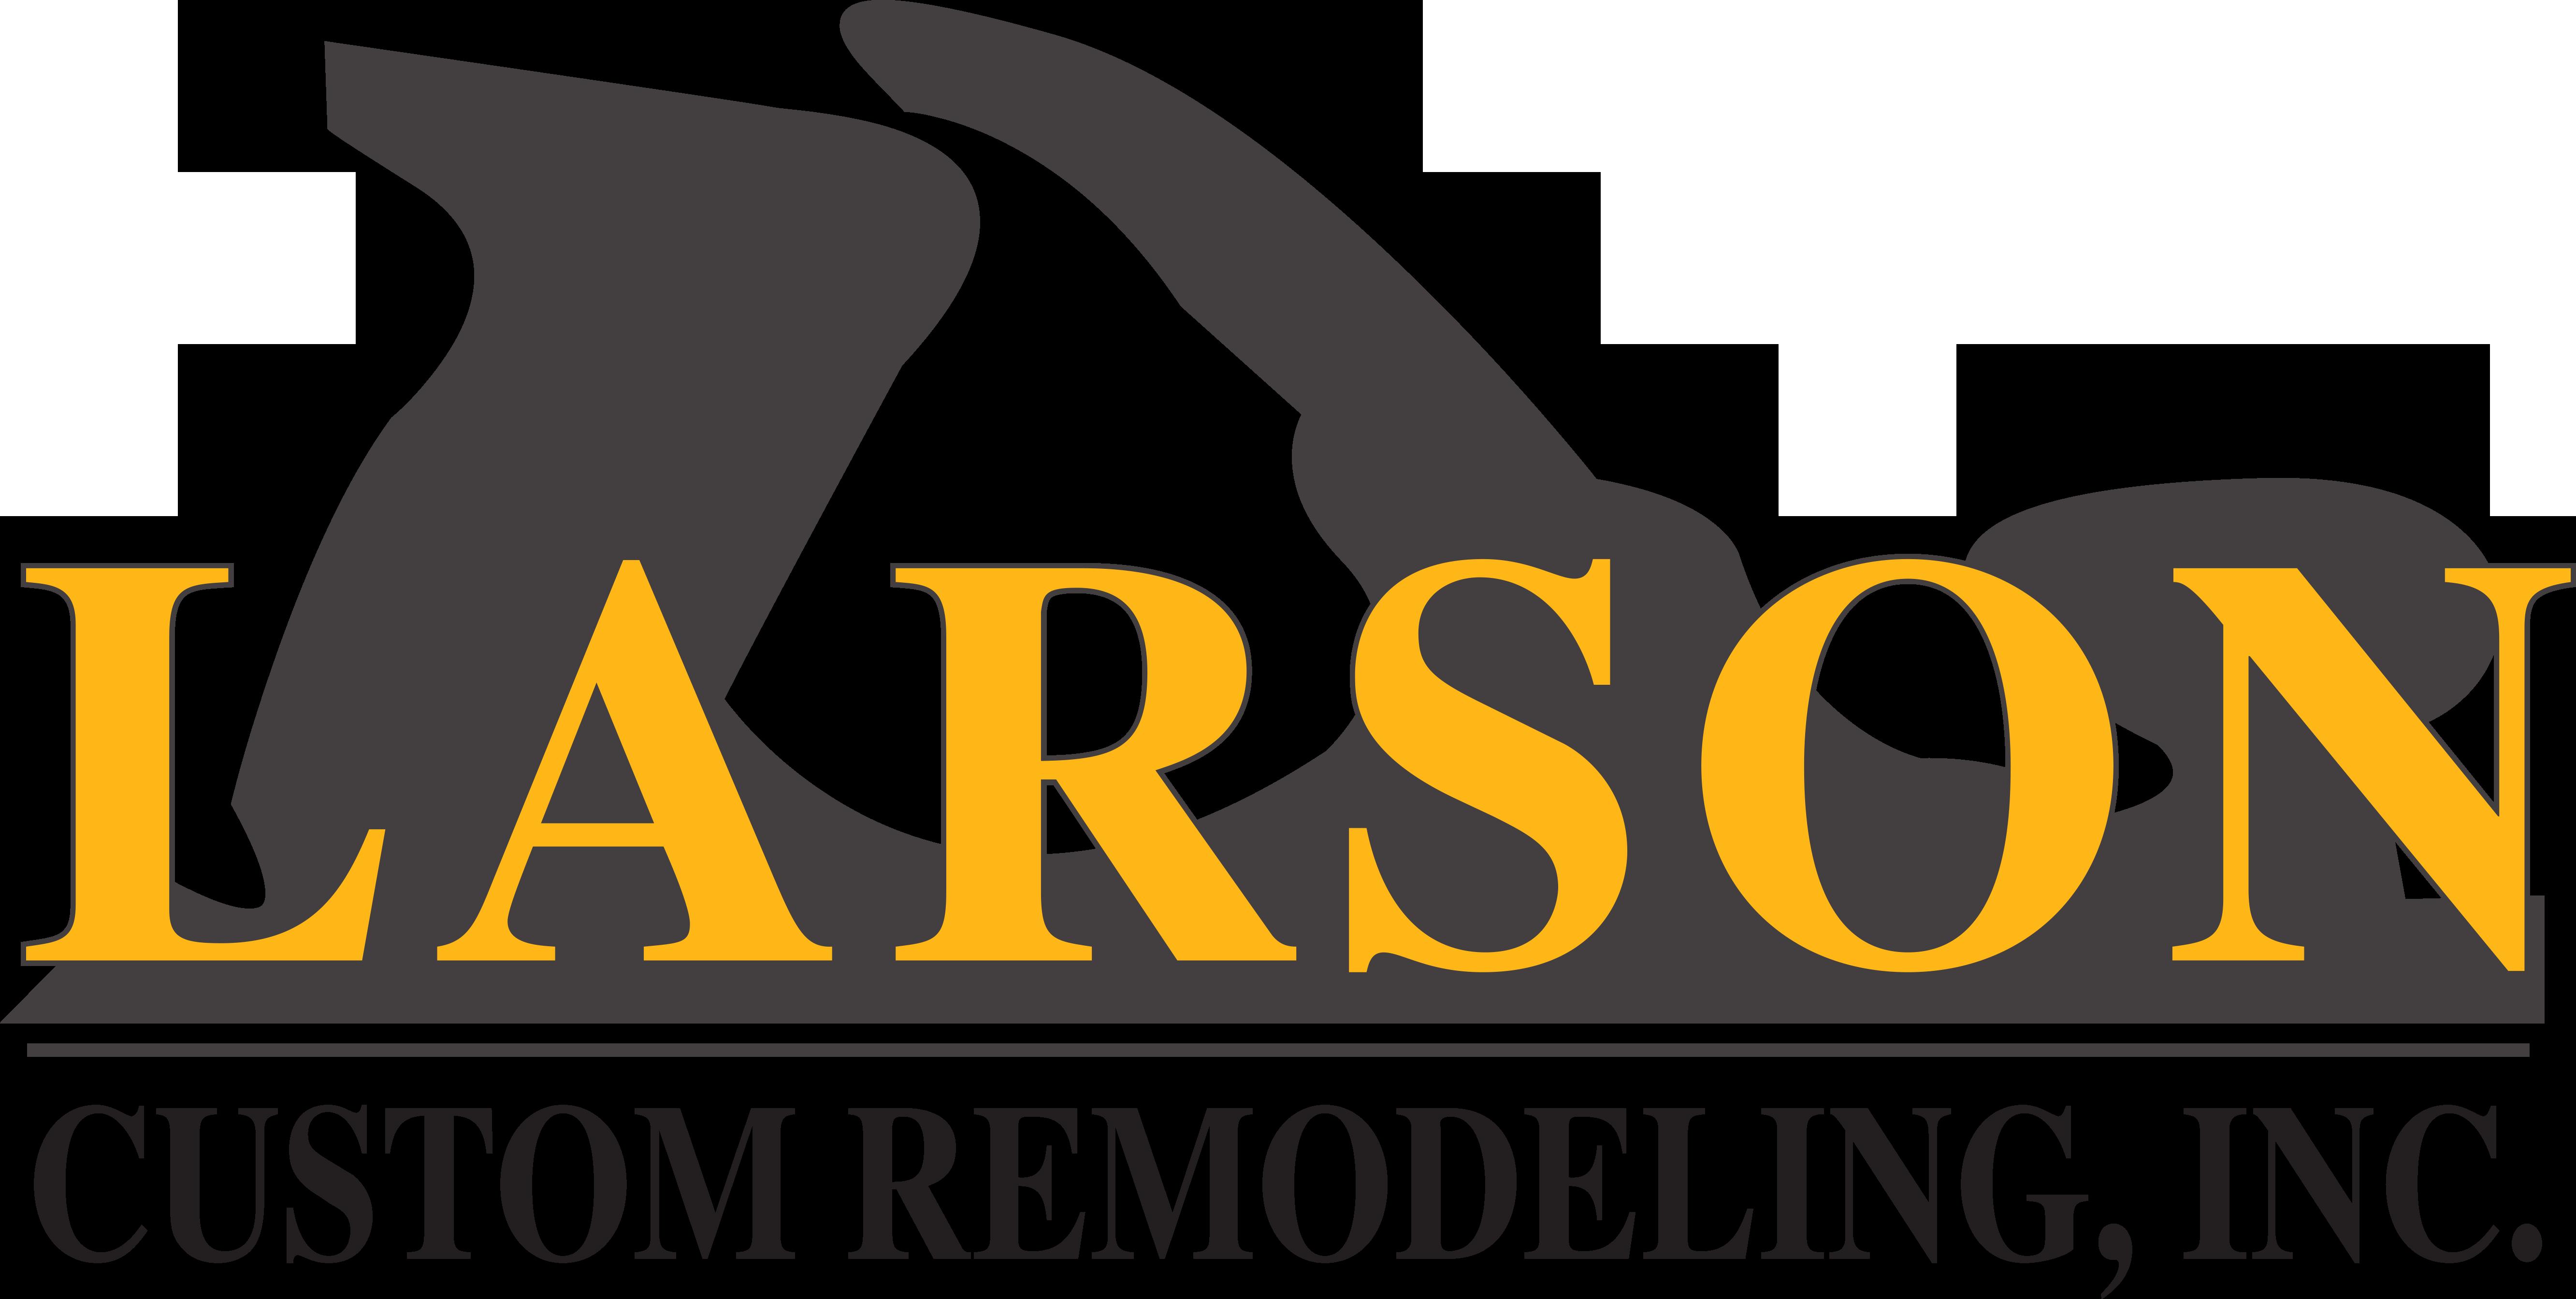 Larson Custom Remodeling Inc. - Prior Lake, MN - General Contractors